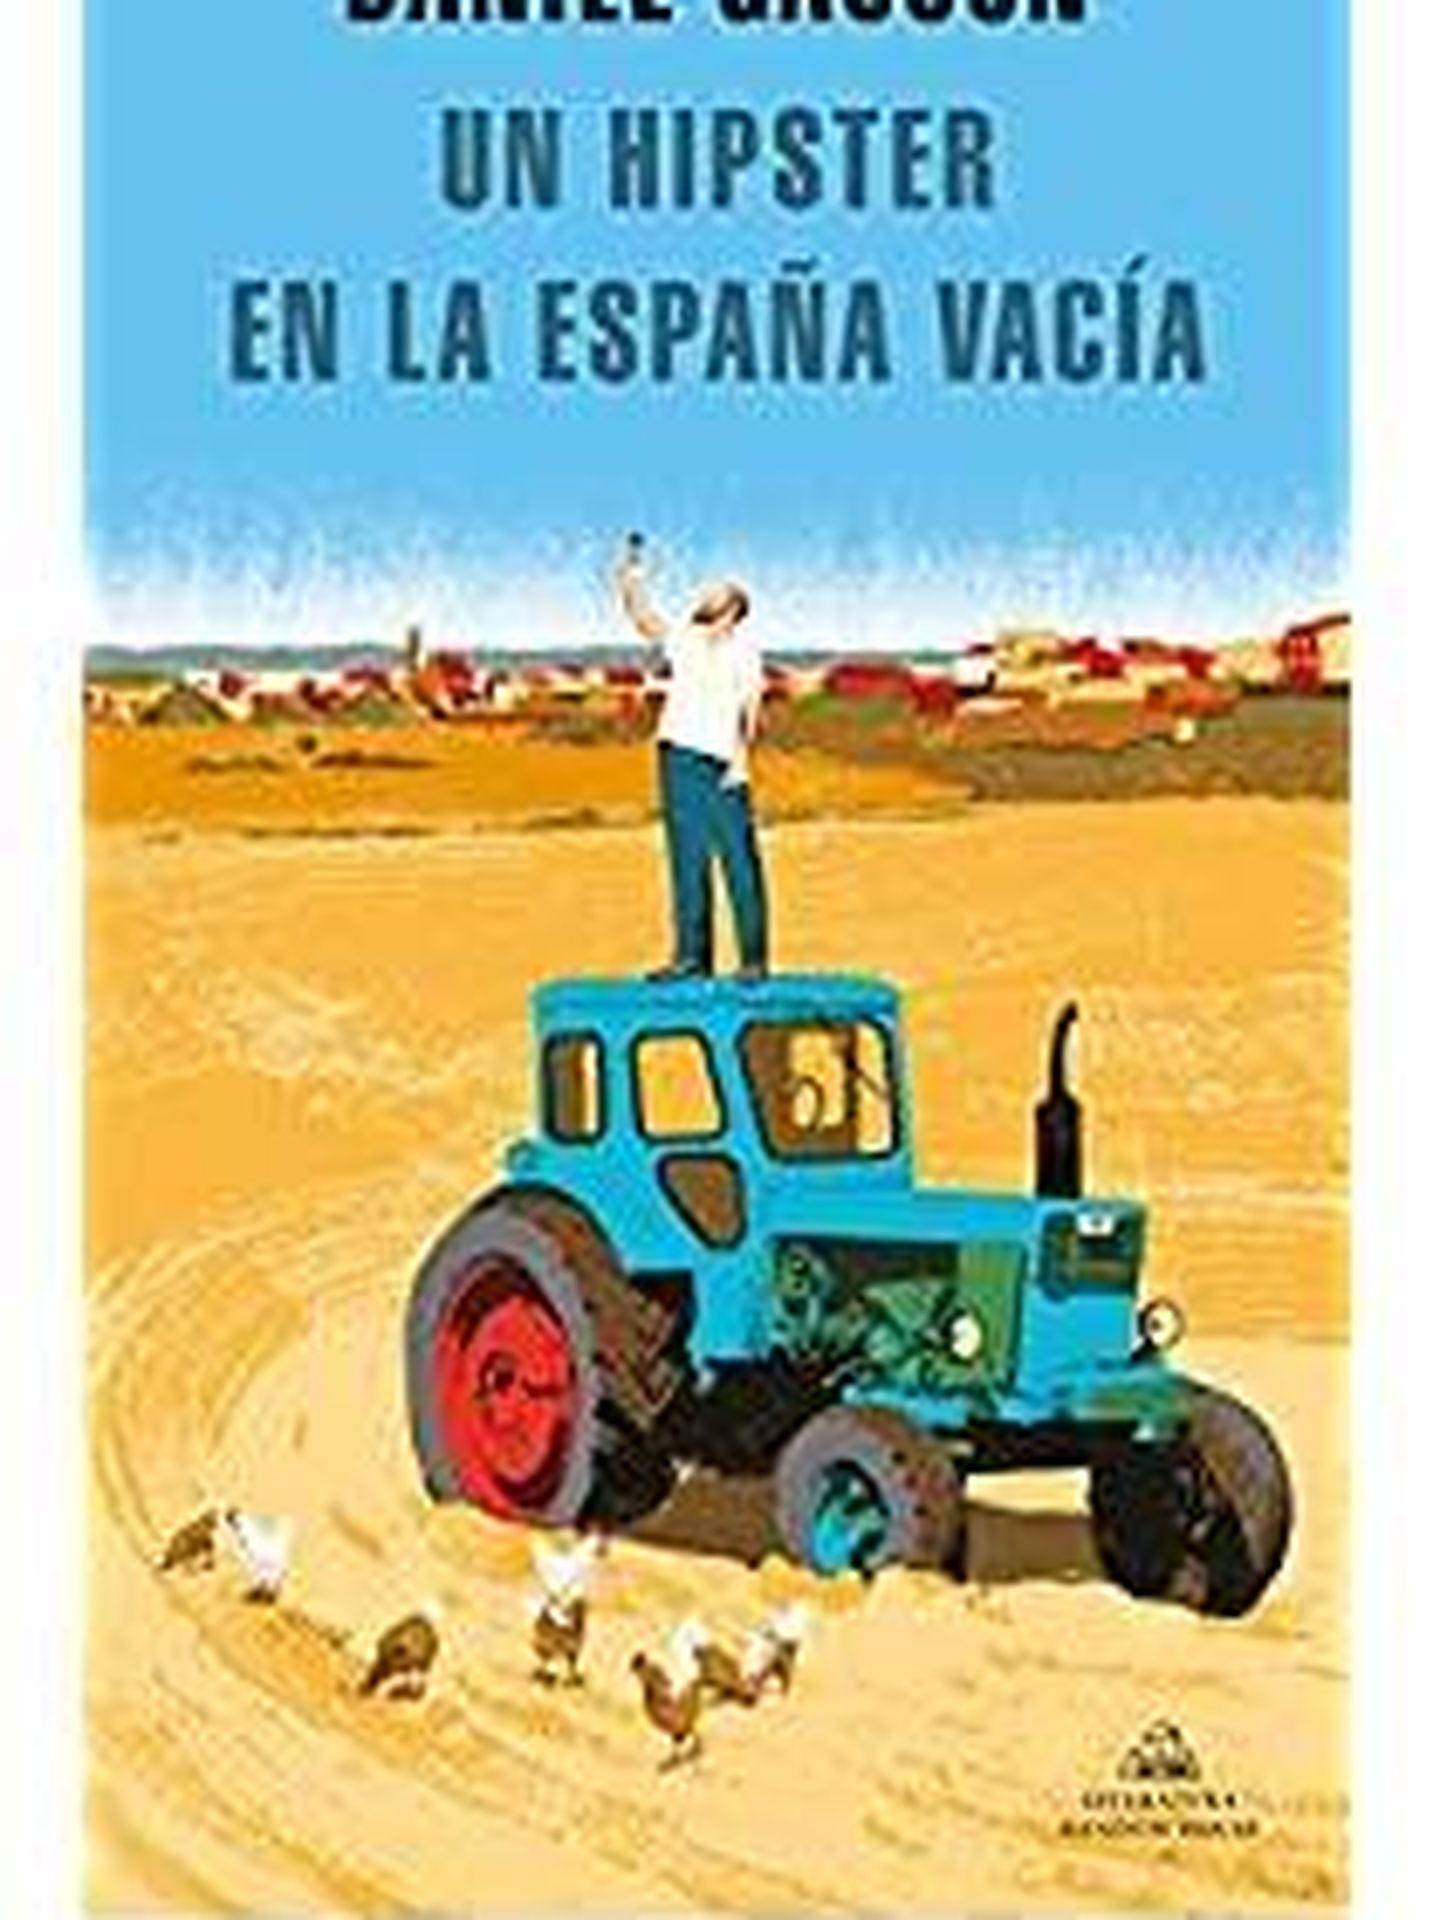 'Un hipster en la España vacía'.